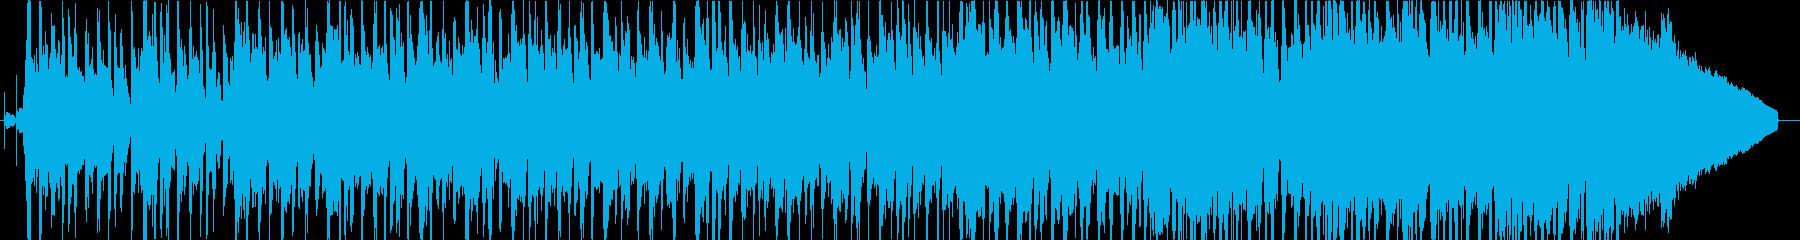 陽気なヴィンテージサーフロックの再生済みの波形